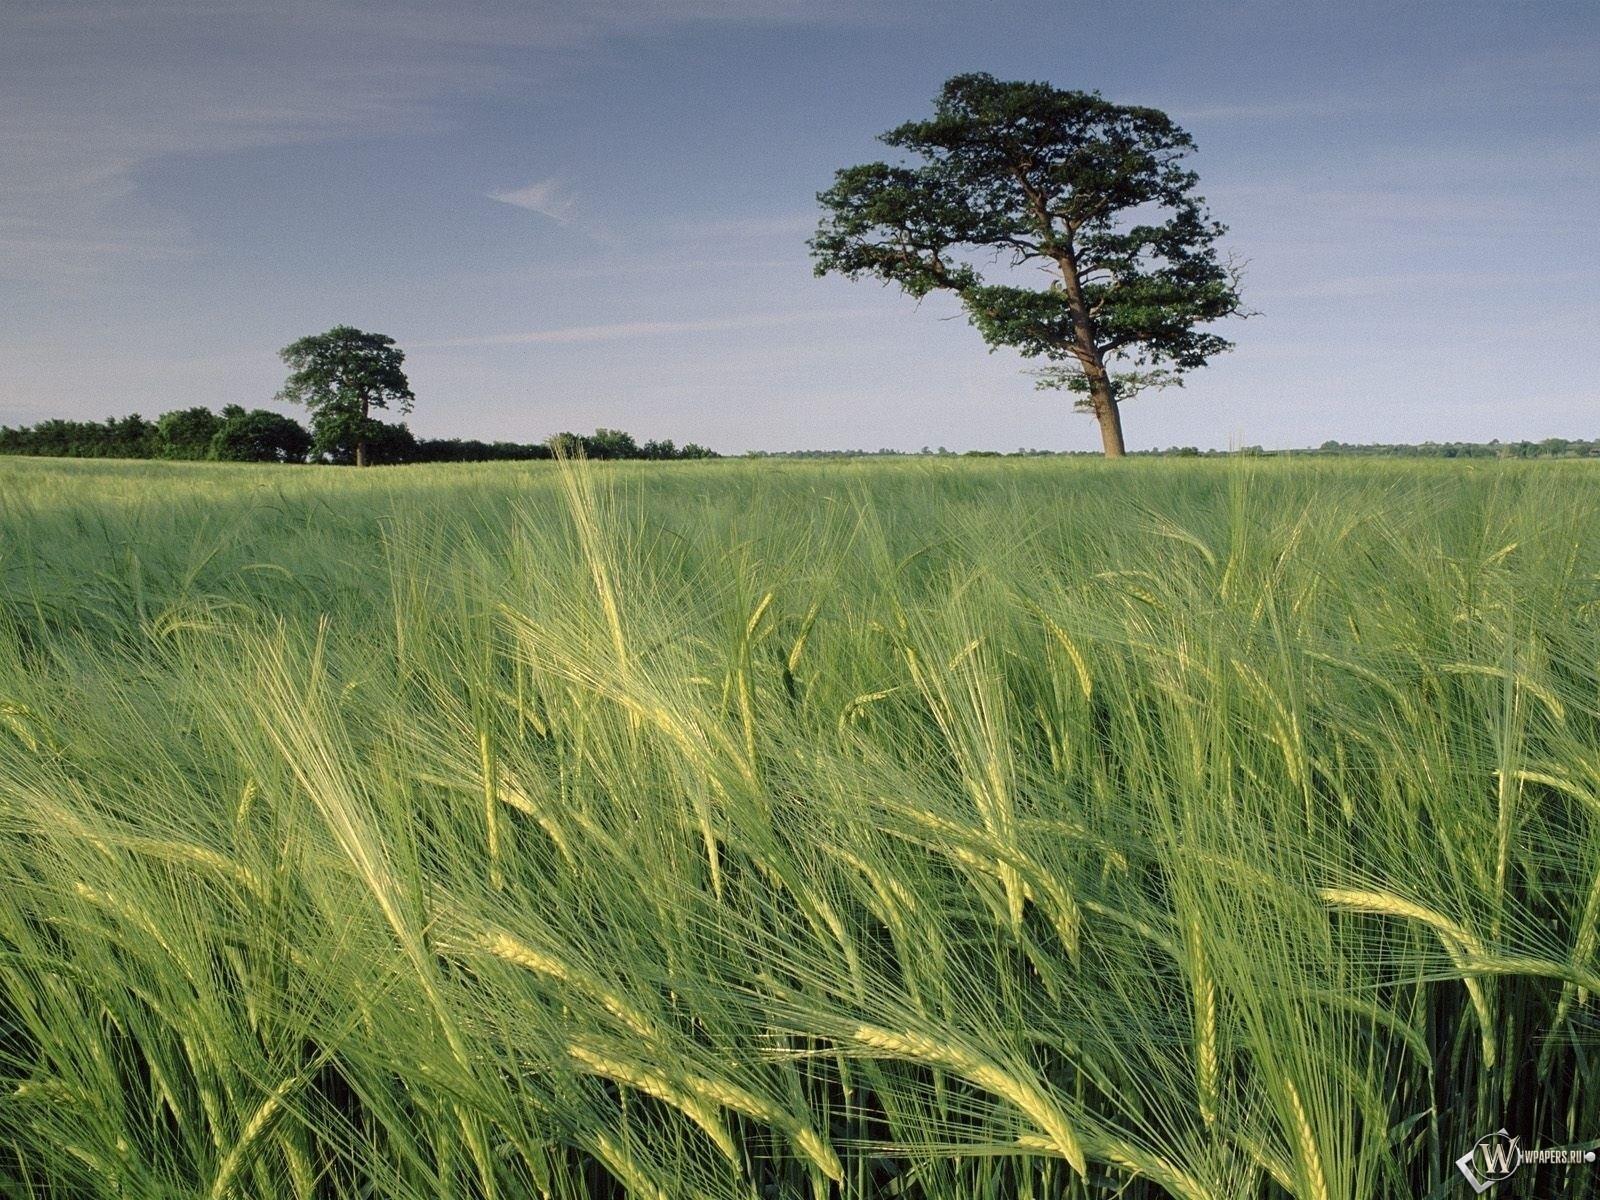 Колхозное поле 1600x1200